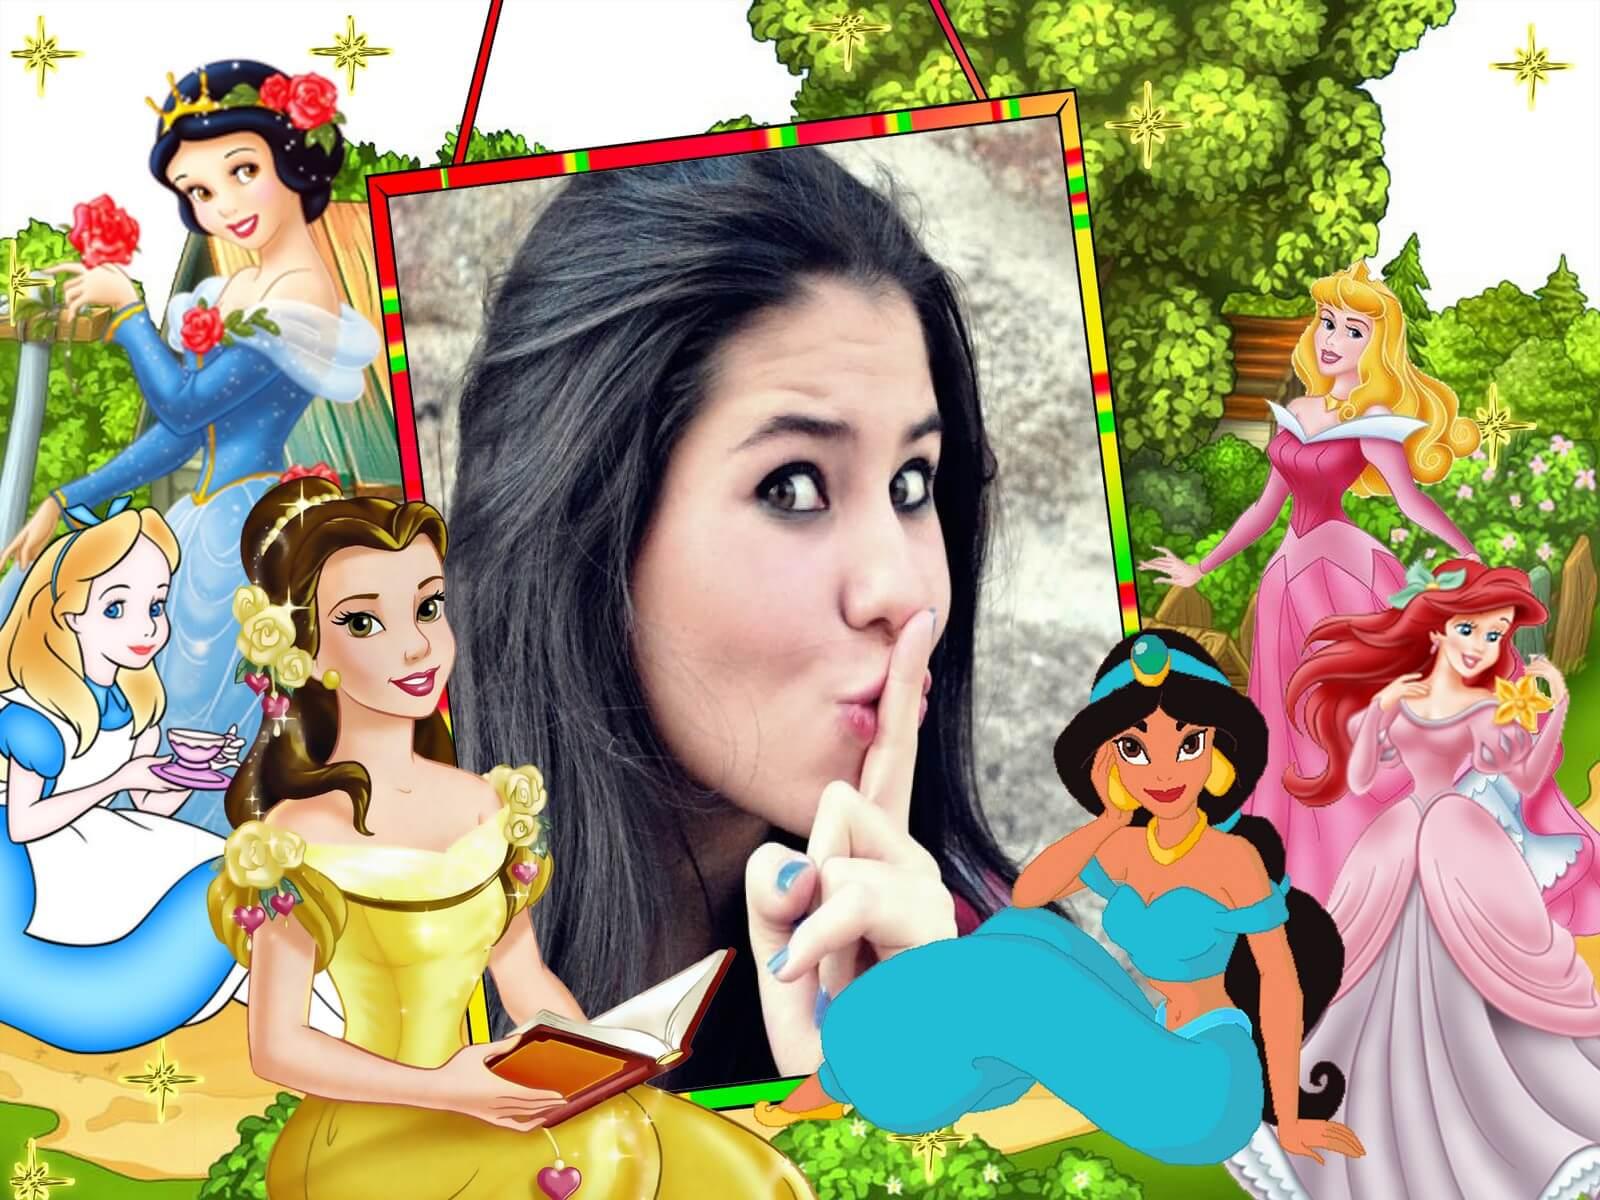 montagem-com-as-princesas-disney